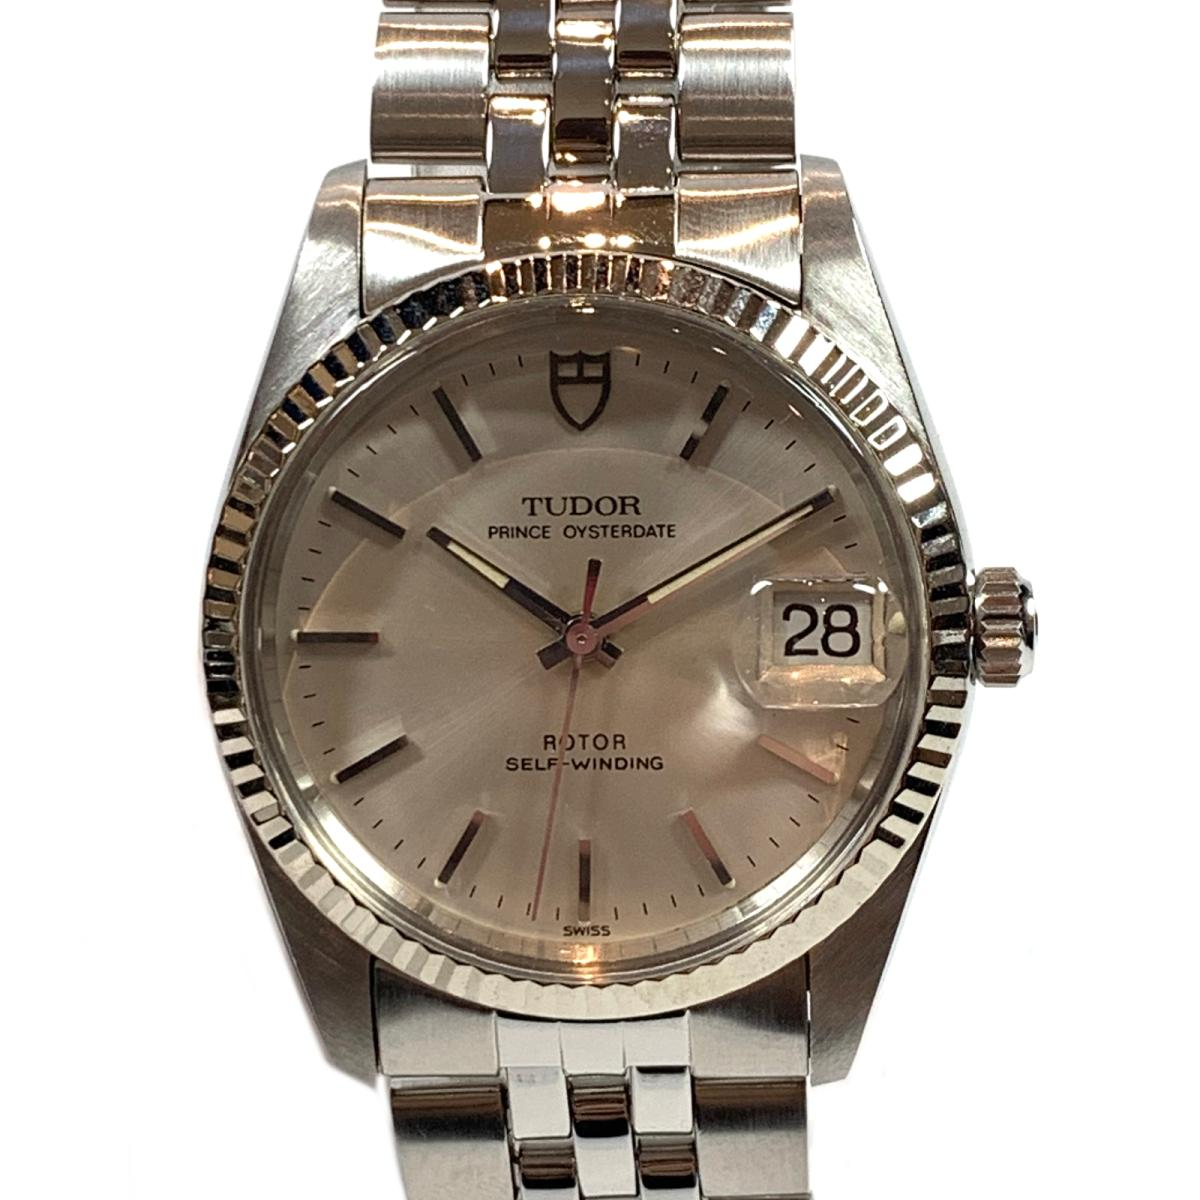 【中古】 チュードル プリンスオイスターデイト 腕時計 ウォッチ メンズ ステンレススチール (SS) シルバー   TUDOR BRANDOFF ブランドオフ ブランド ブランド時計 ブランド腕時計 時計